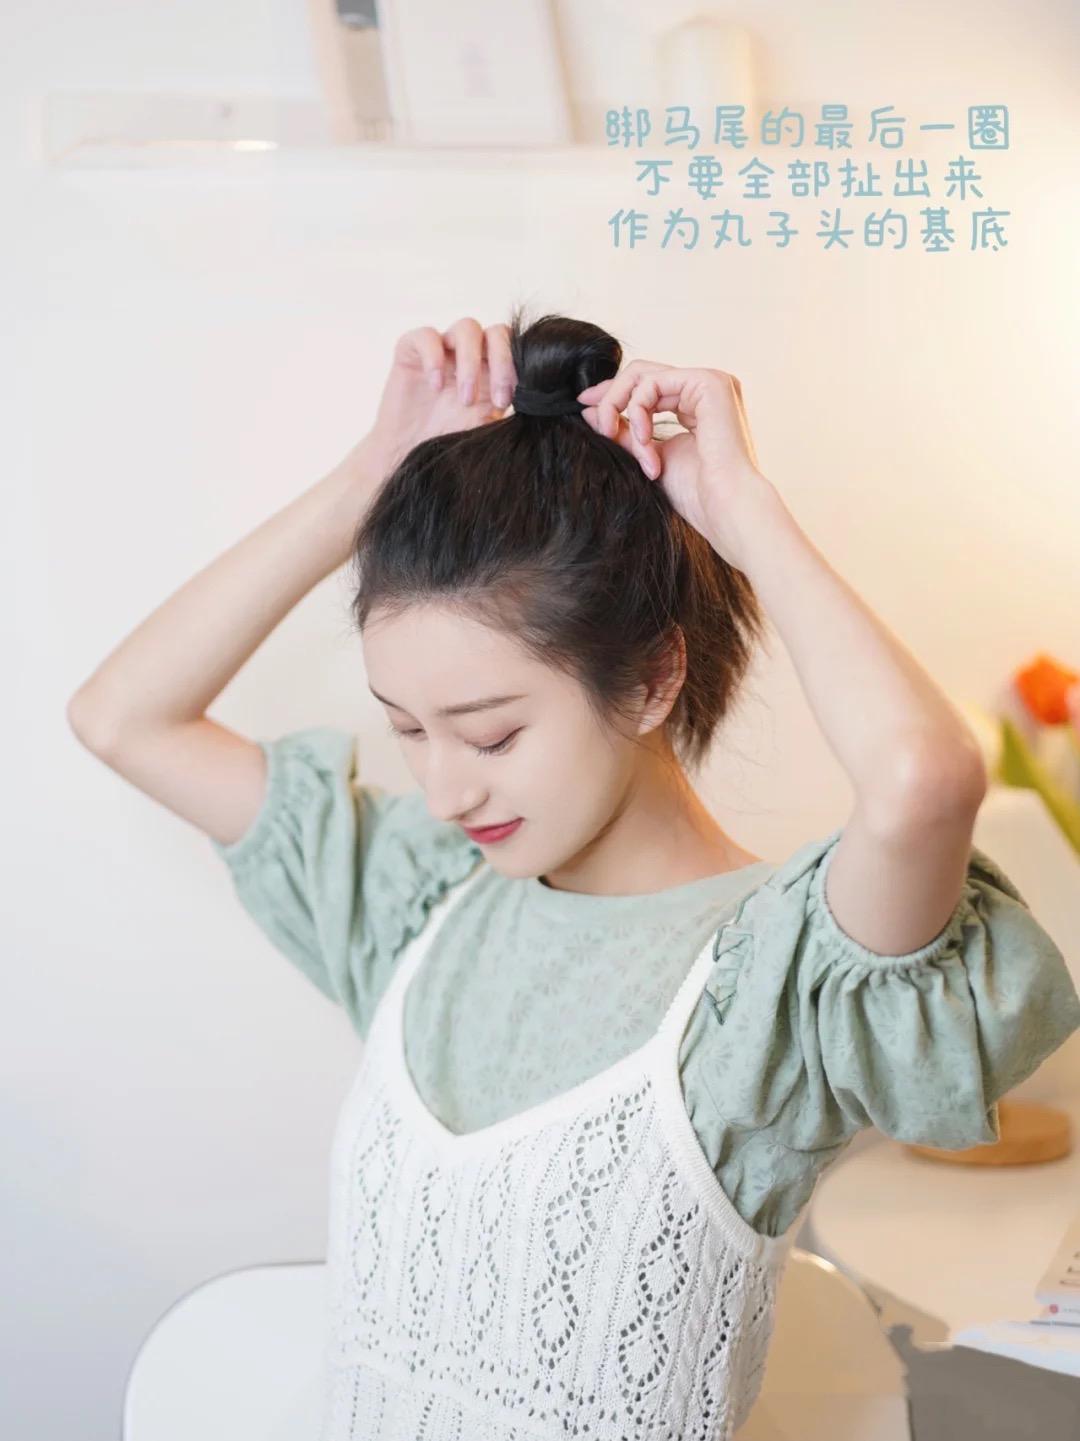 怎样盘头发既简单又好看蓬松,学着这样做,优雅大方女人味十足 盘头发 第3张